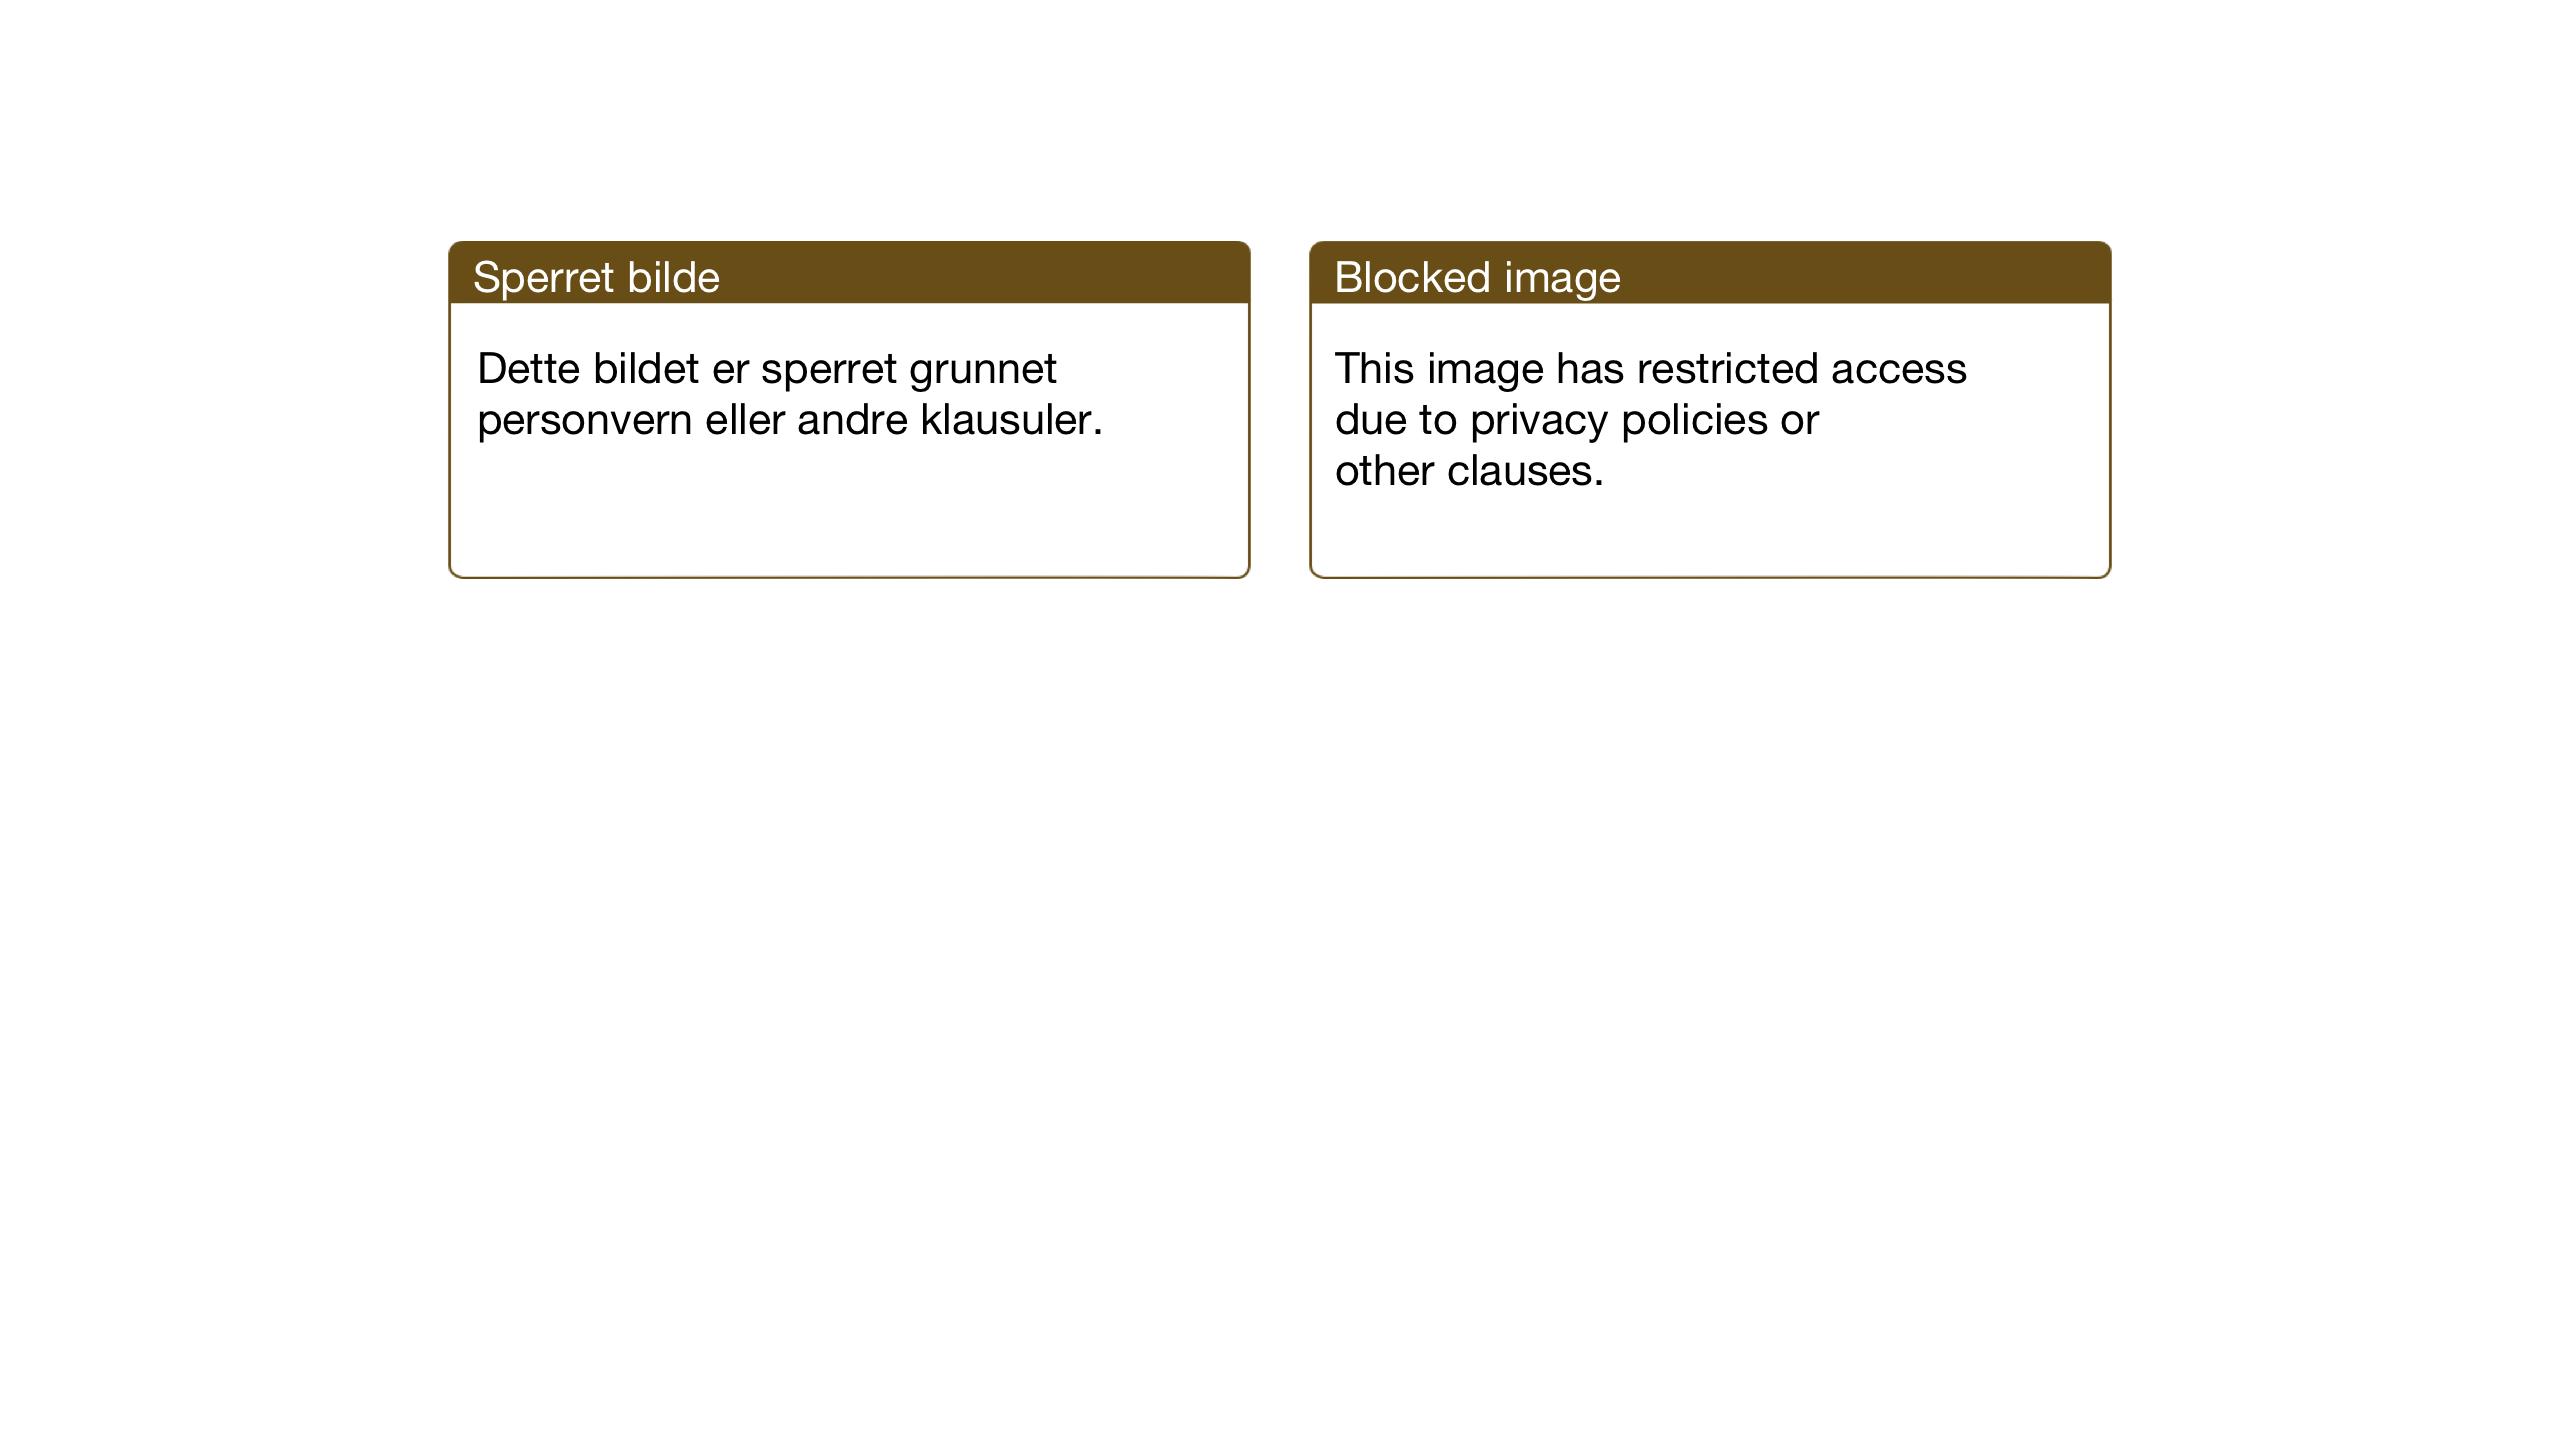 SAT, Ministerialprotokoller, klokkerbøker og fødselsregistre - Nord-Trøndelag, 722/L0227: Klokkerbok nr. 722C03, 1928-1958, s. 20